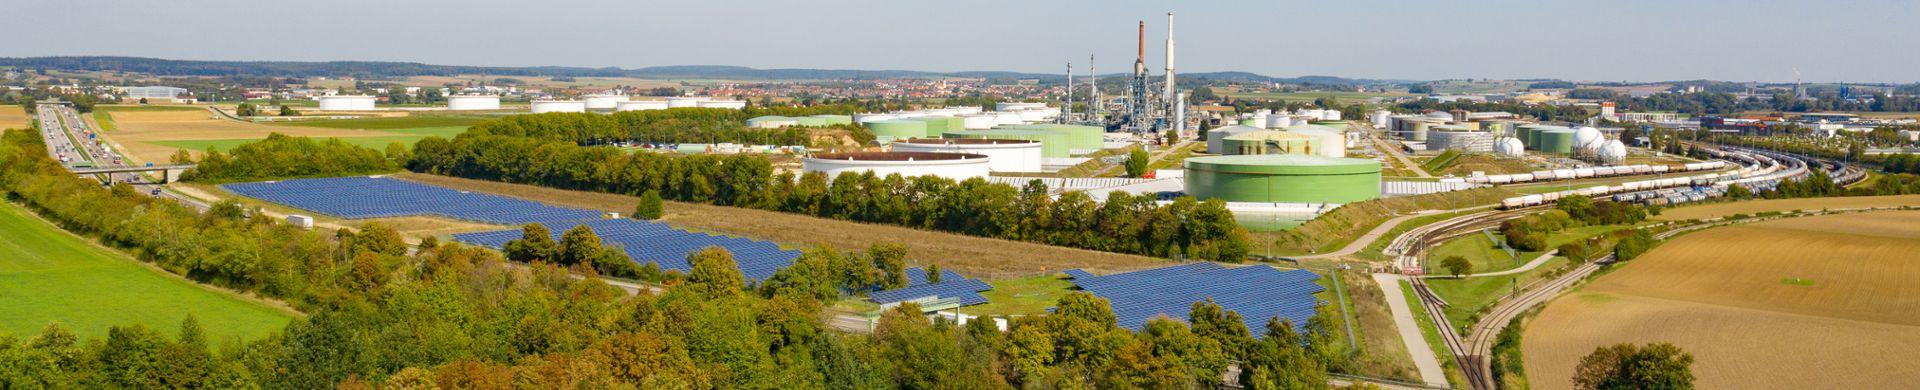 Umweltschutz- und Sicherheitskonzepte der Raffinerie